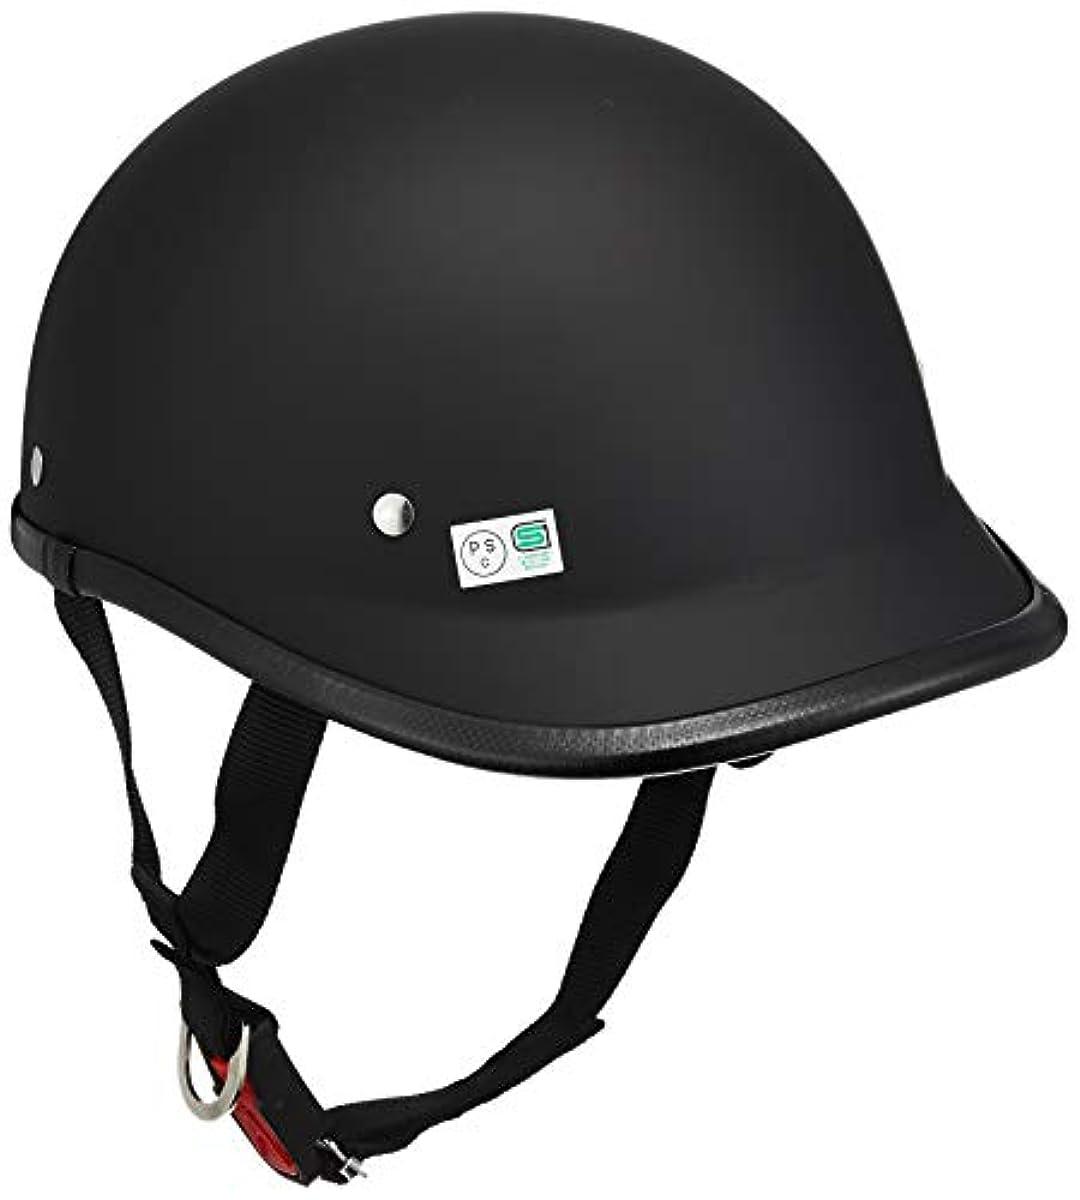 [해외] 오토VIPER트 센터 헬멧 허프 롱 덕 테일 매트 블랙 프리 사이즈 (머리위 57CM~60CM미만) 722205